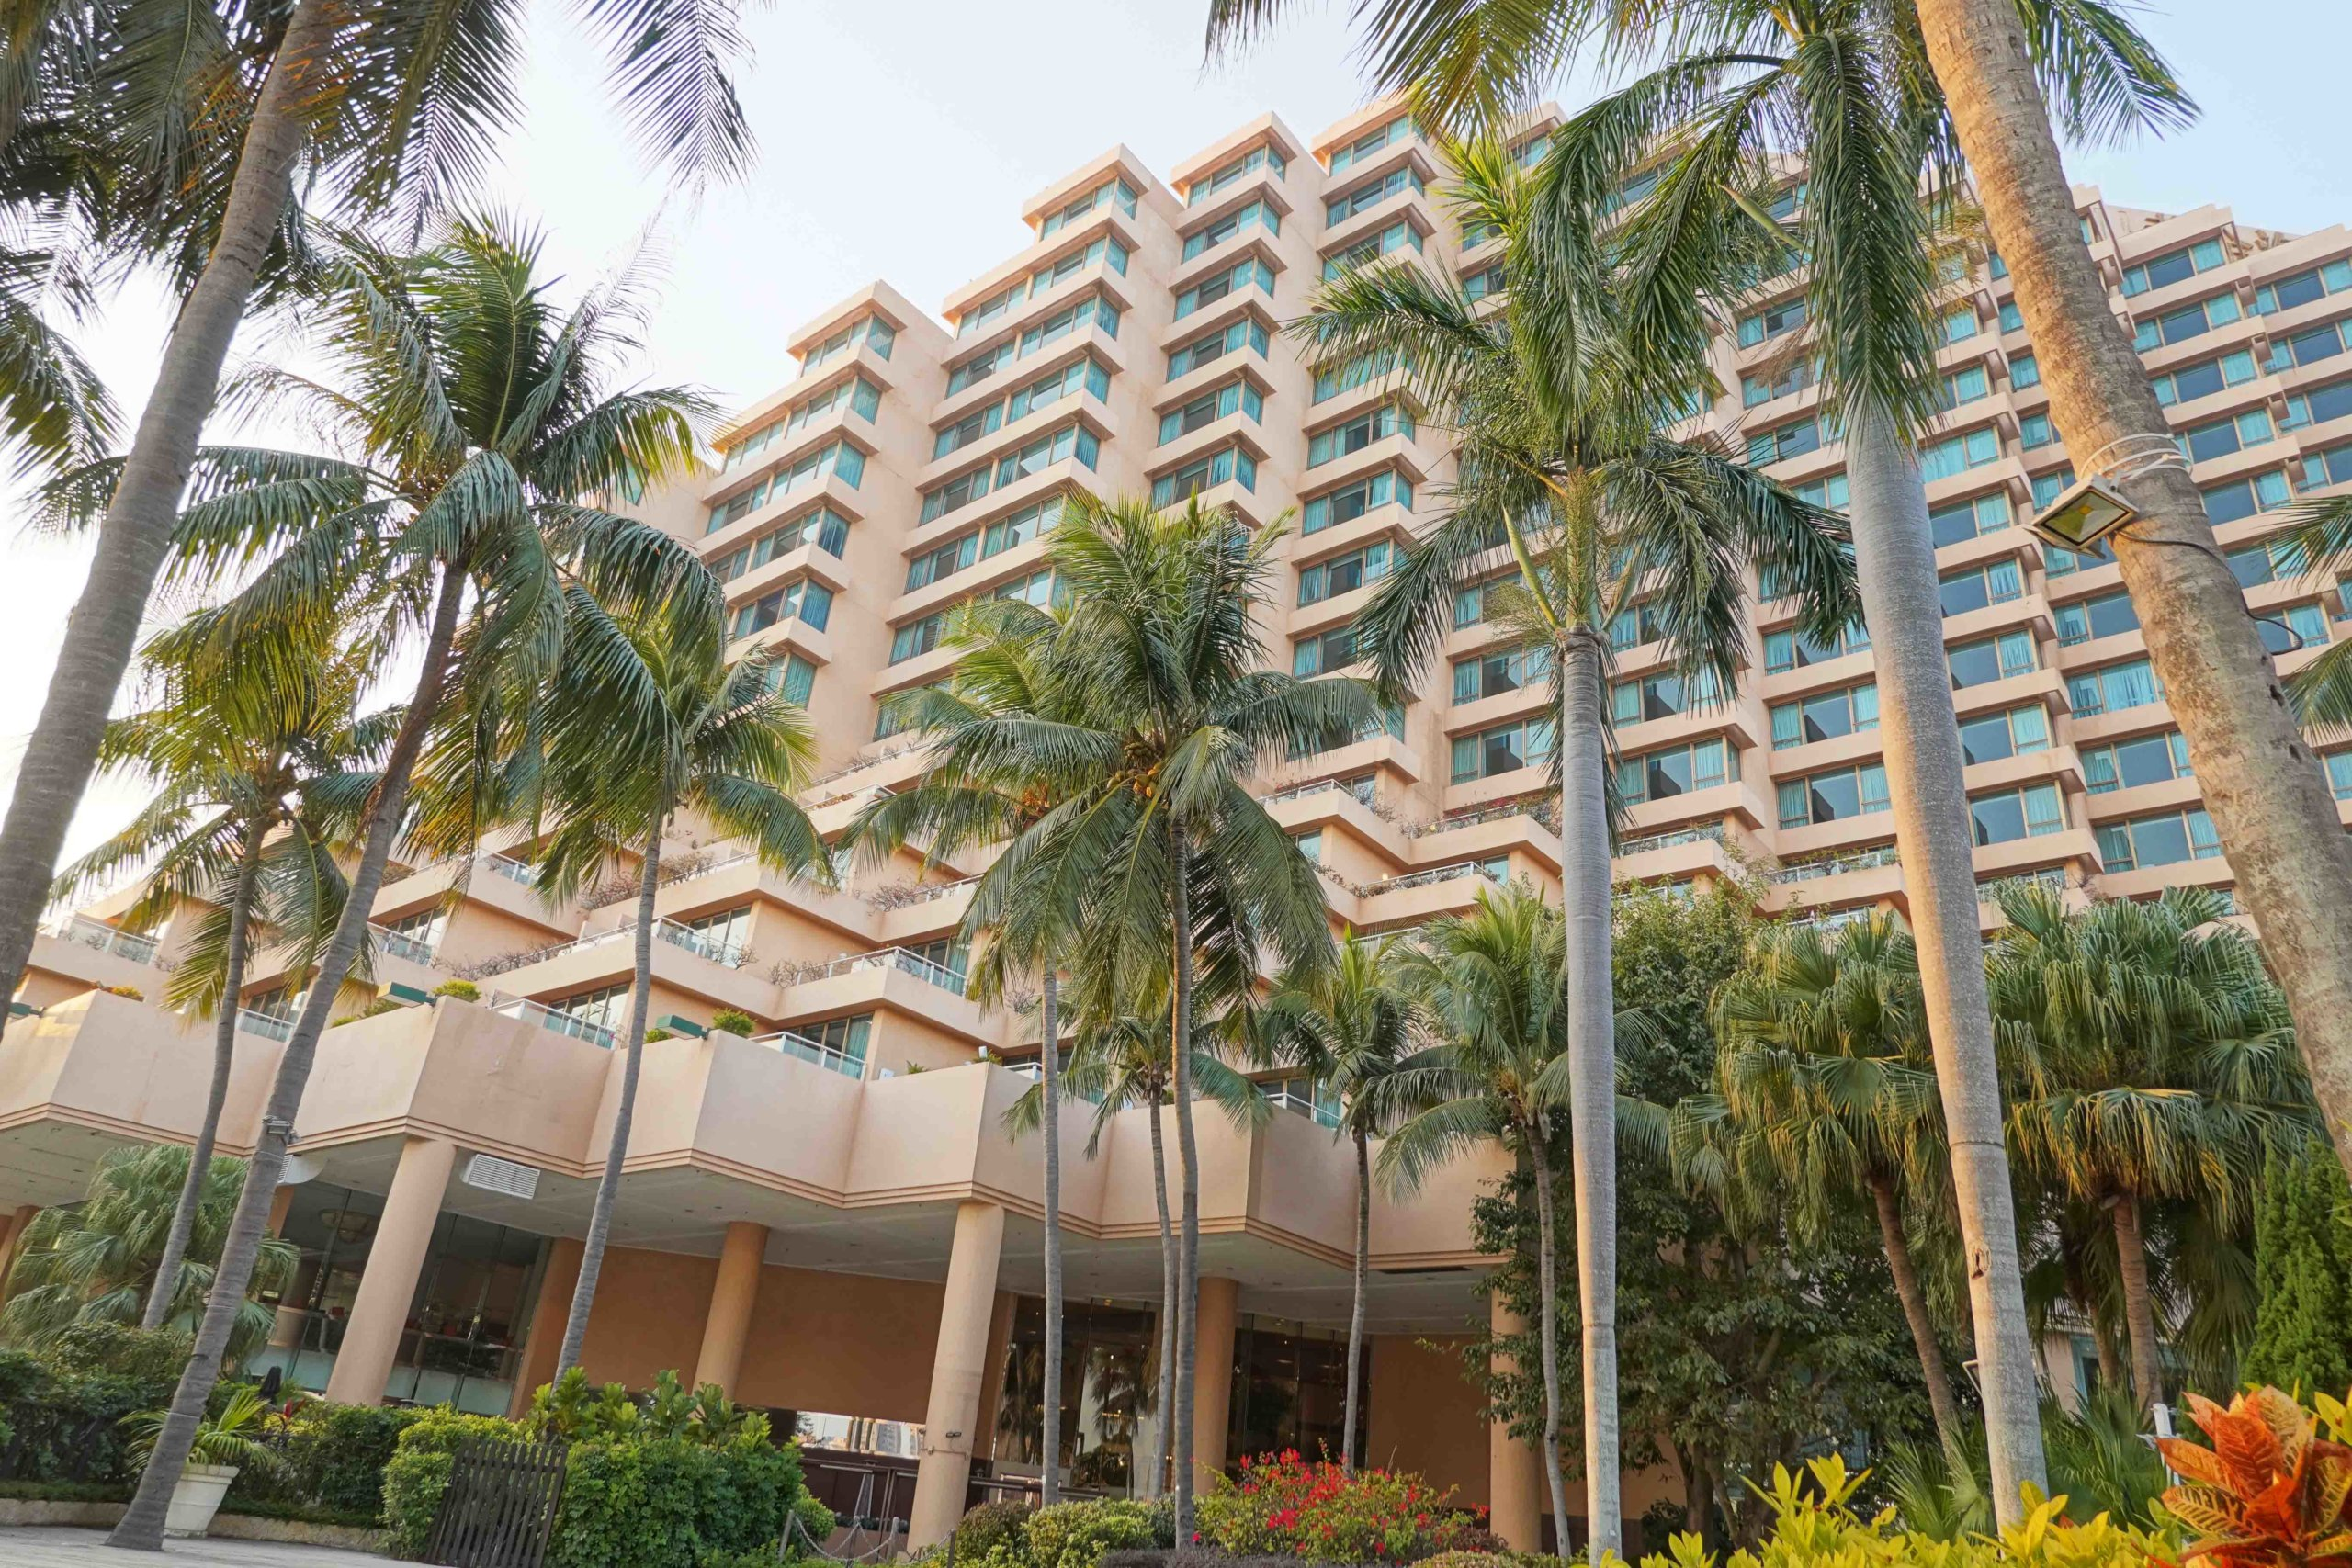 充滿度假風嘅屯門黃金海岸酒店。